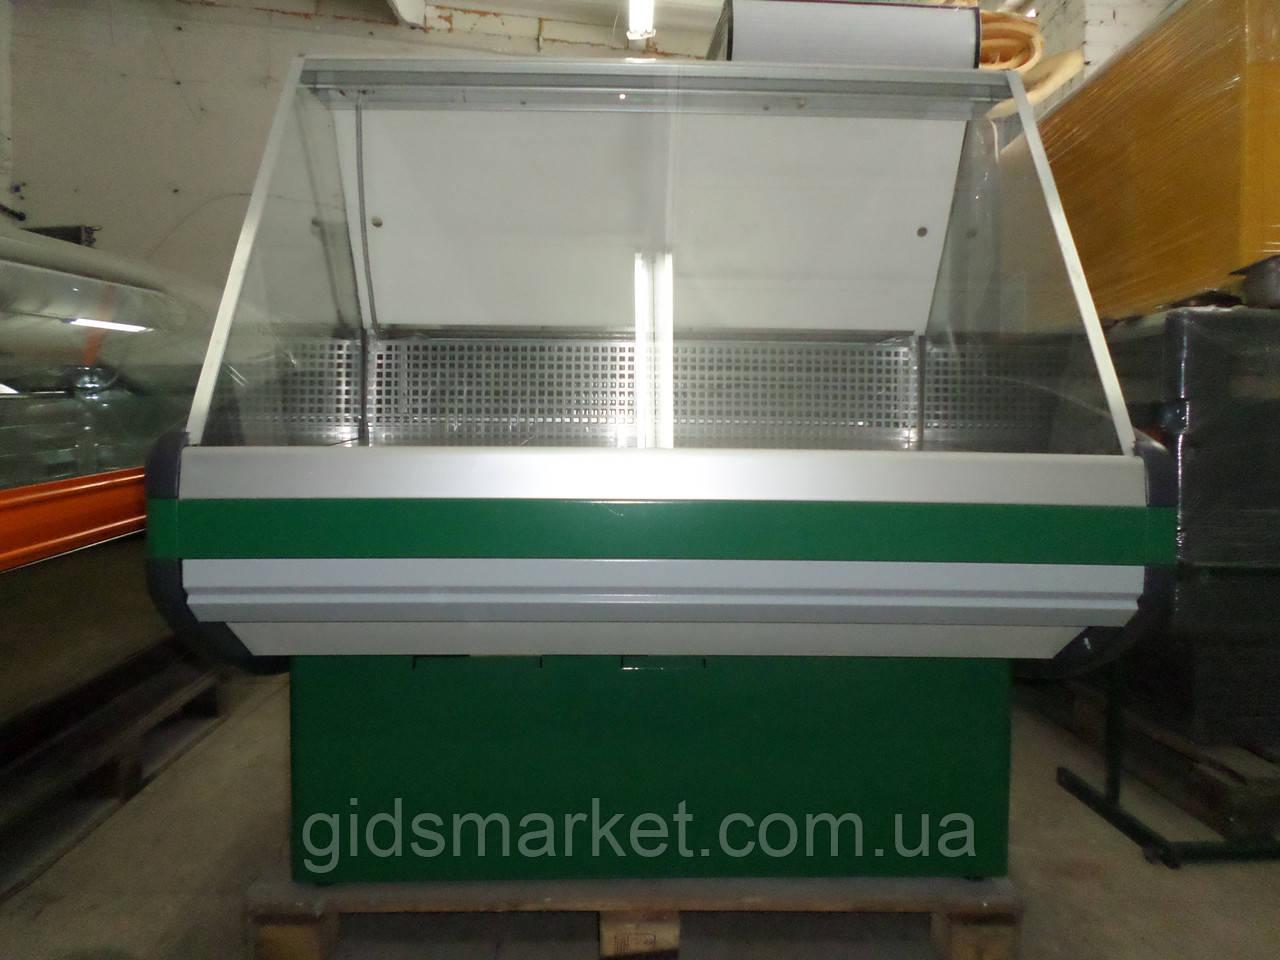 Холодильная витрина Crispi 1,2 м. бу., витрина гастрономическая б у.